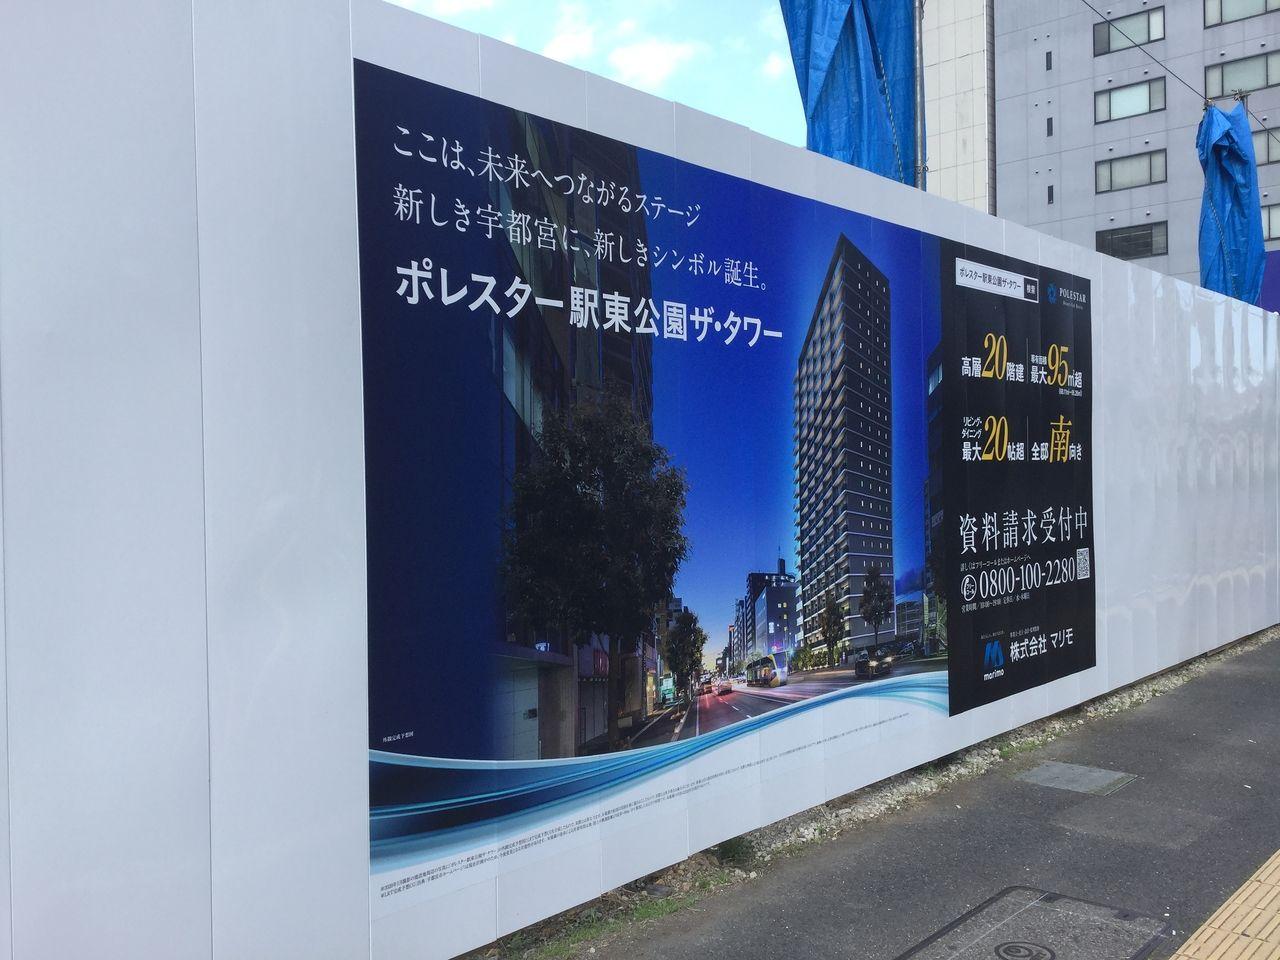 【2020年6月】完成予定順!宇都宮新築マンション情報!